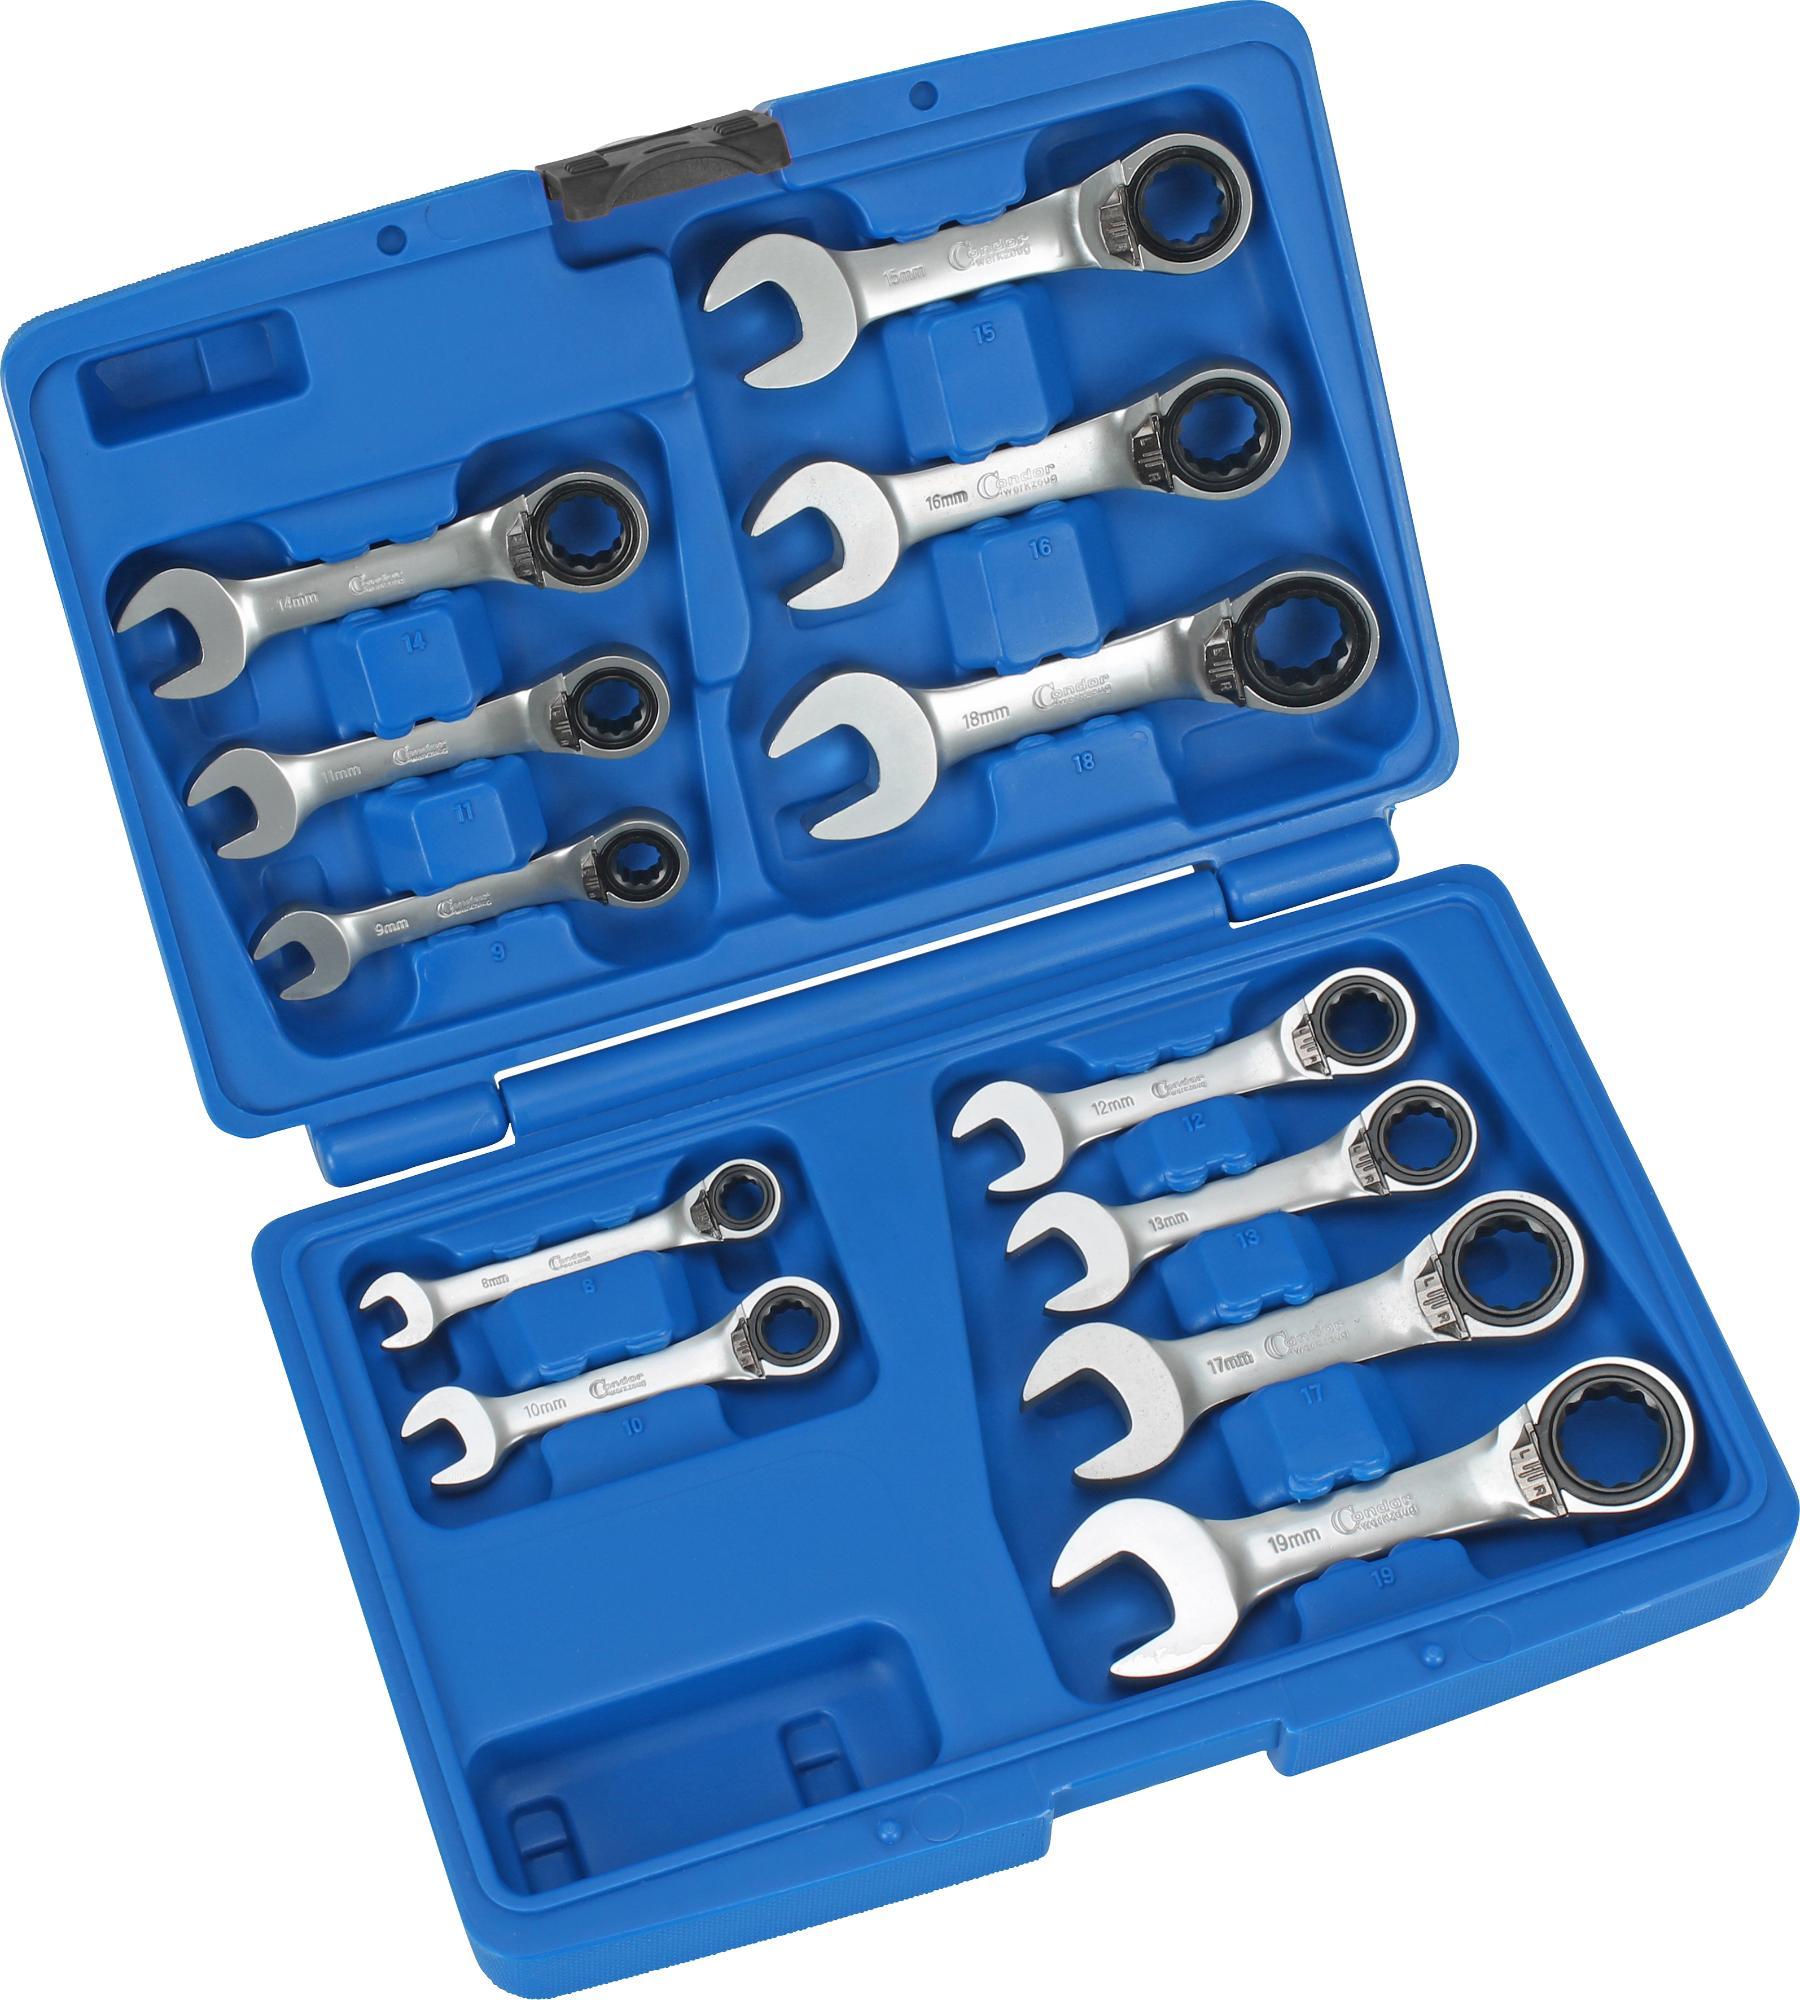 Sada račňových kľúčov očko-vidlica, 12-dielna.,